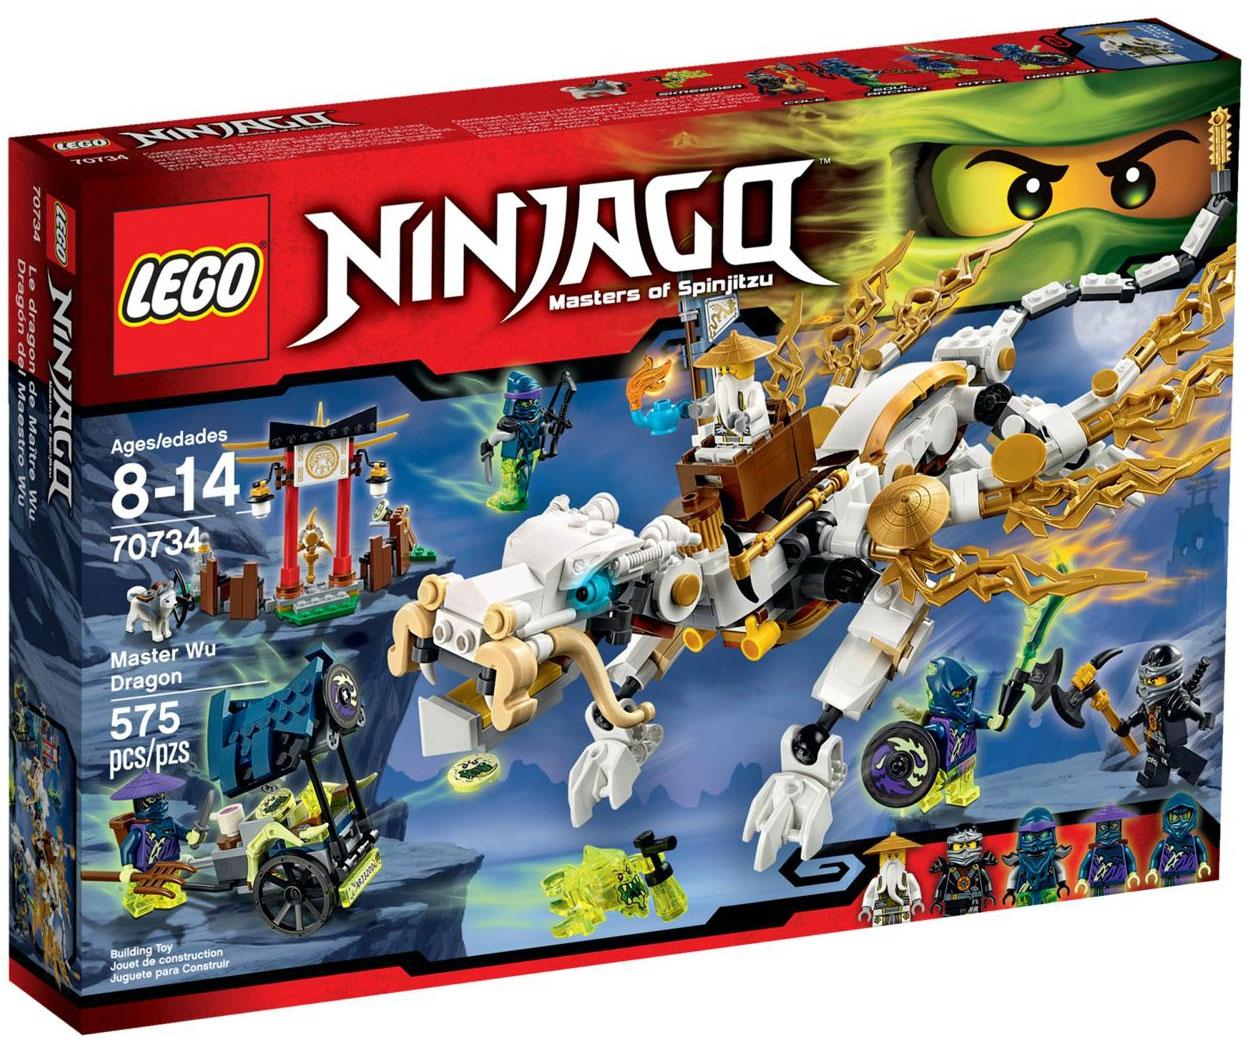 Lego 70734 lego ninjago master wu dragon toymania for Lago shop online